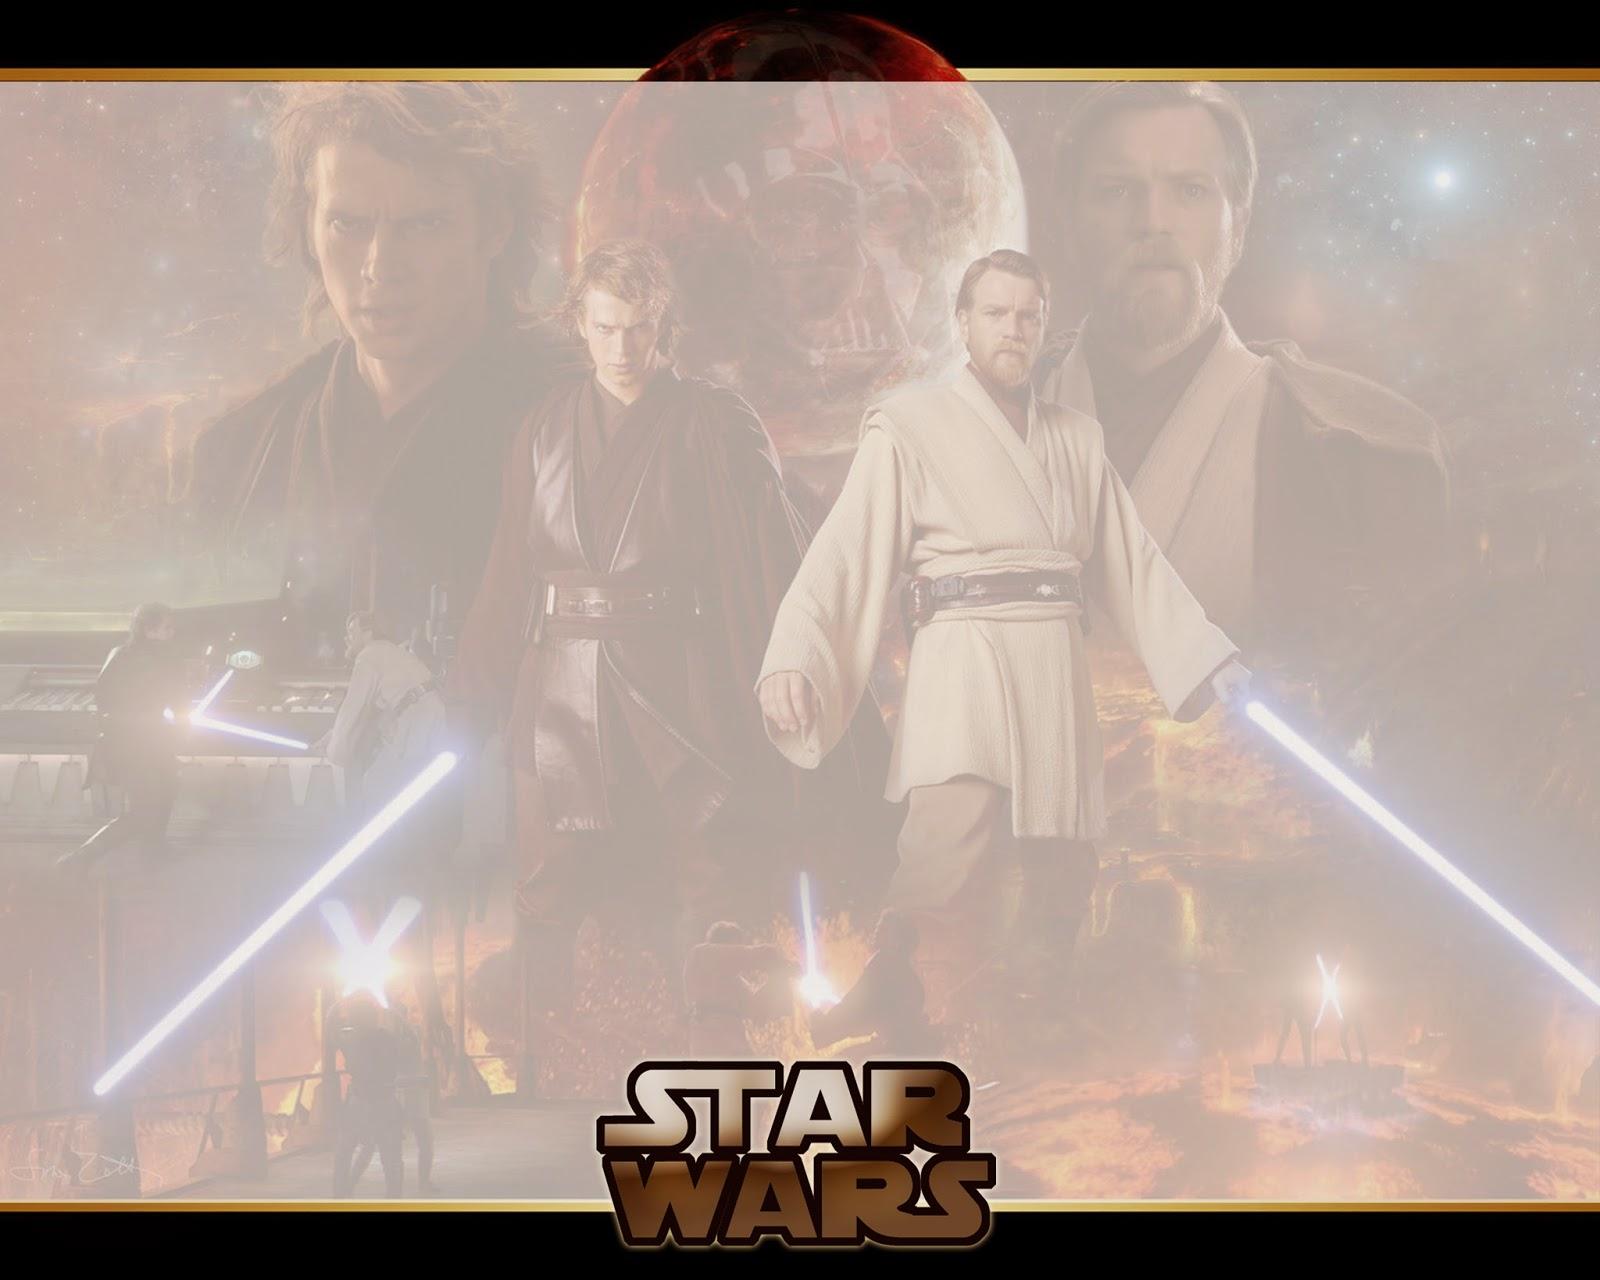 Para hacer invitaciones, tarjetas, marcos de fotos o etiquetas, para imprimir gratis de Star Wars.